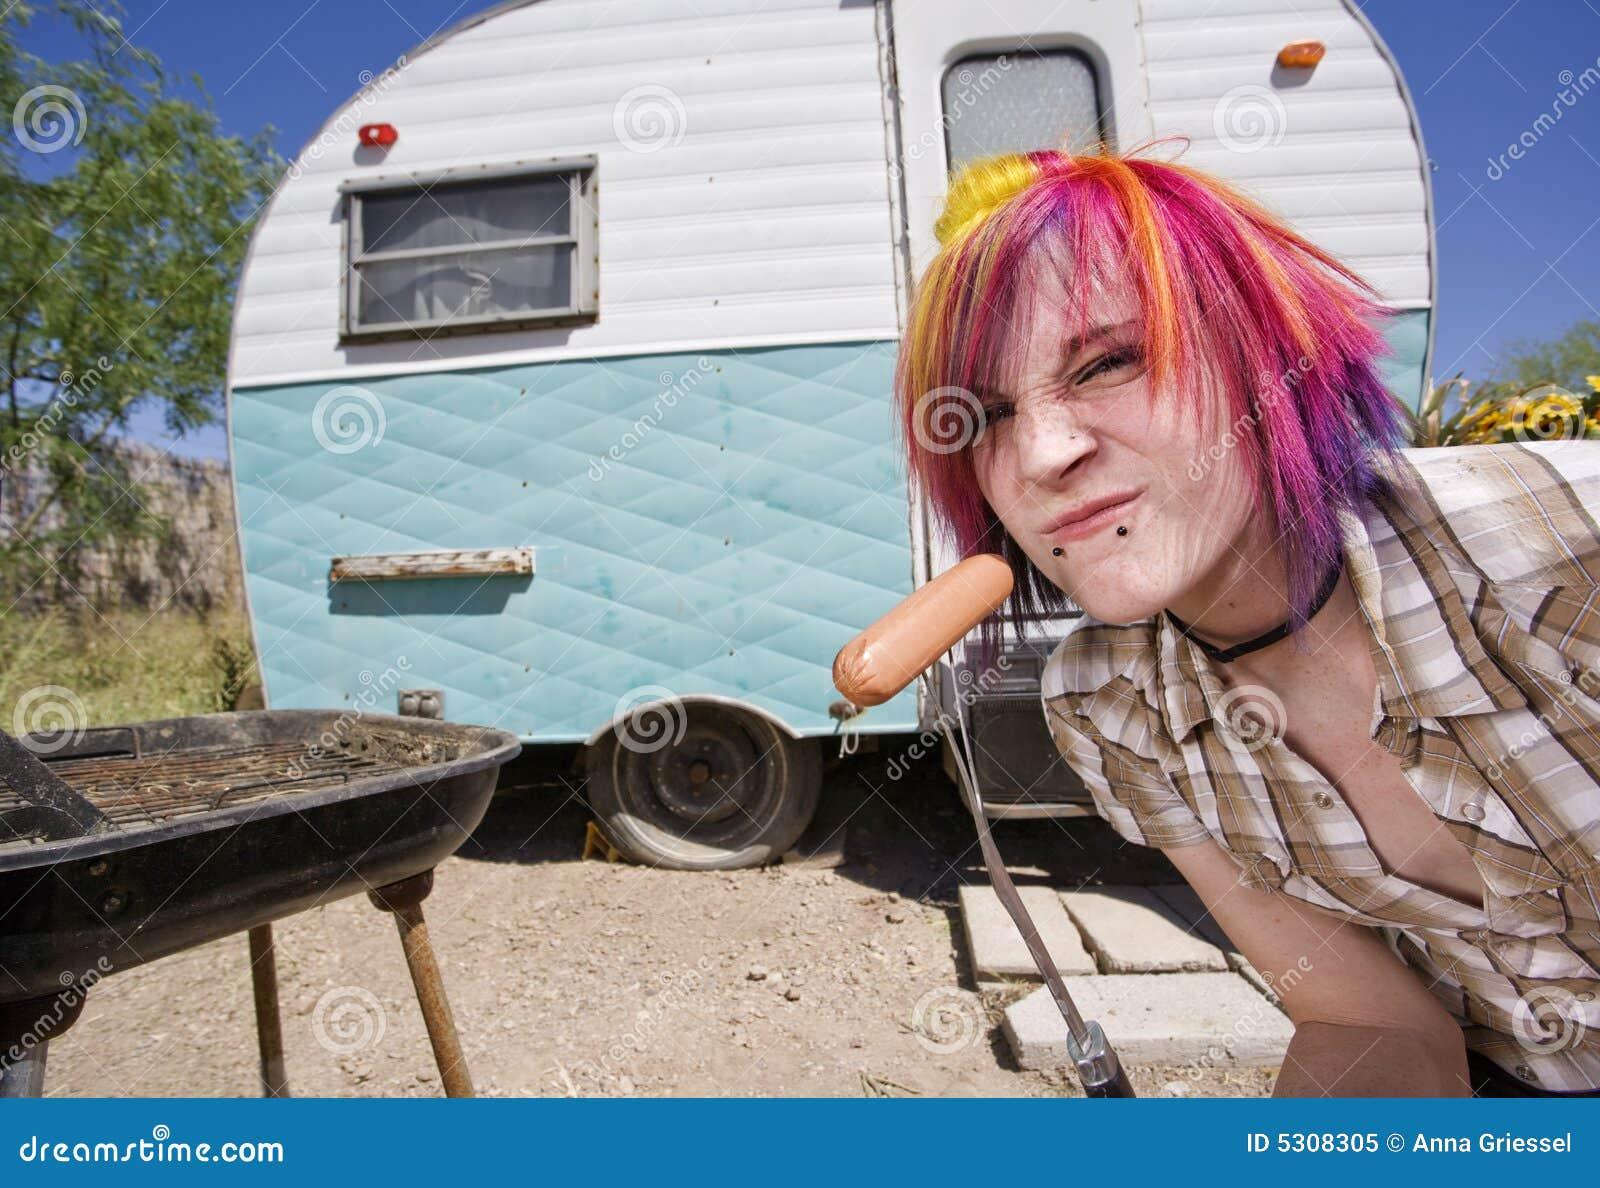 Download Ragazza Davanti Ad Un Rimorchio Che Mangia Un Hot Dog Immagine Stock - Immagine di esterno, colorful: 5308305